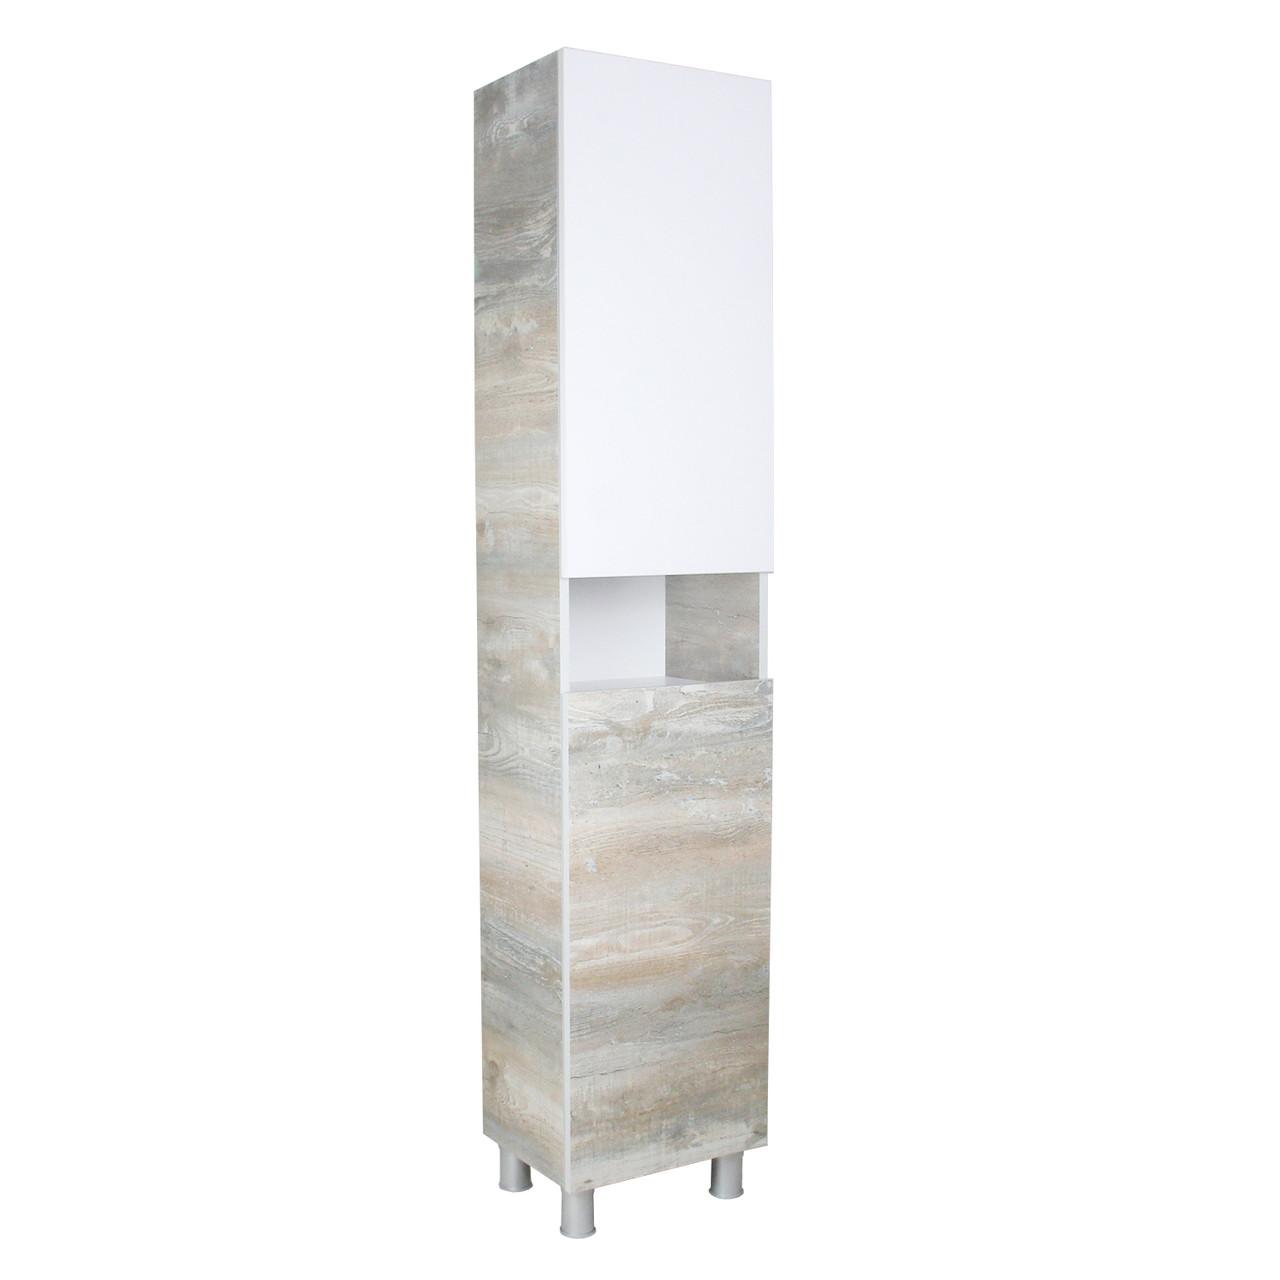 Пенал-шкаф напольный Гуана 40  в ванную комнату (Экзотика)